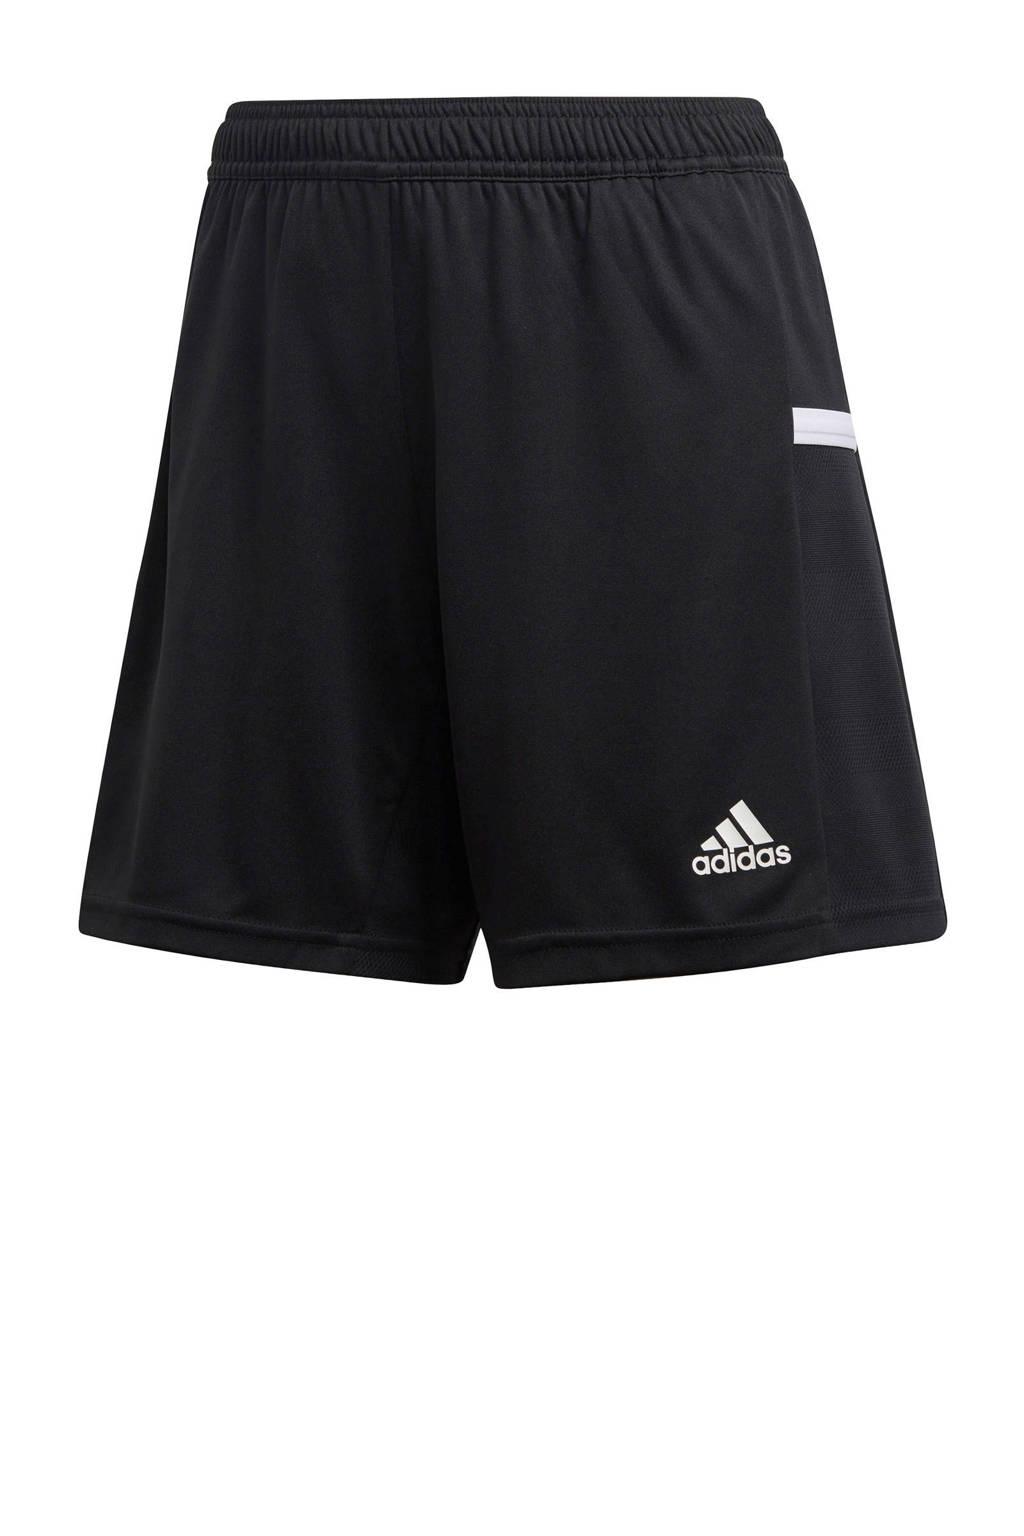 adidas Performance sportshort T19 zwart, Zwart